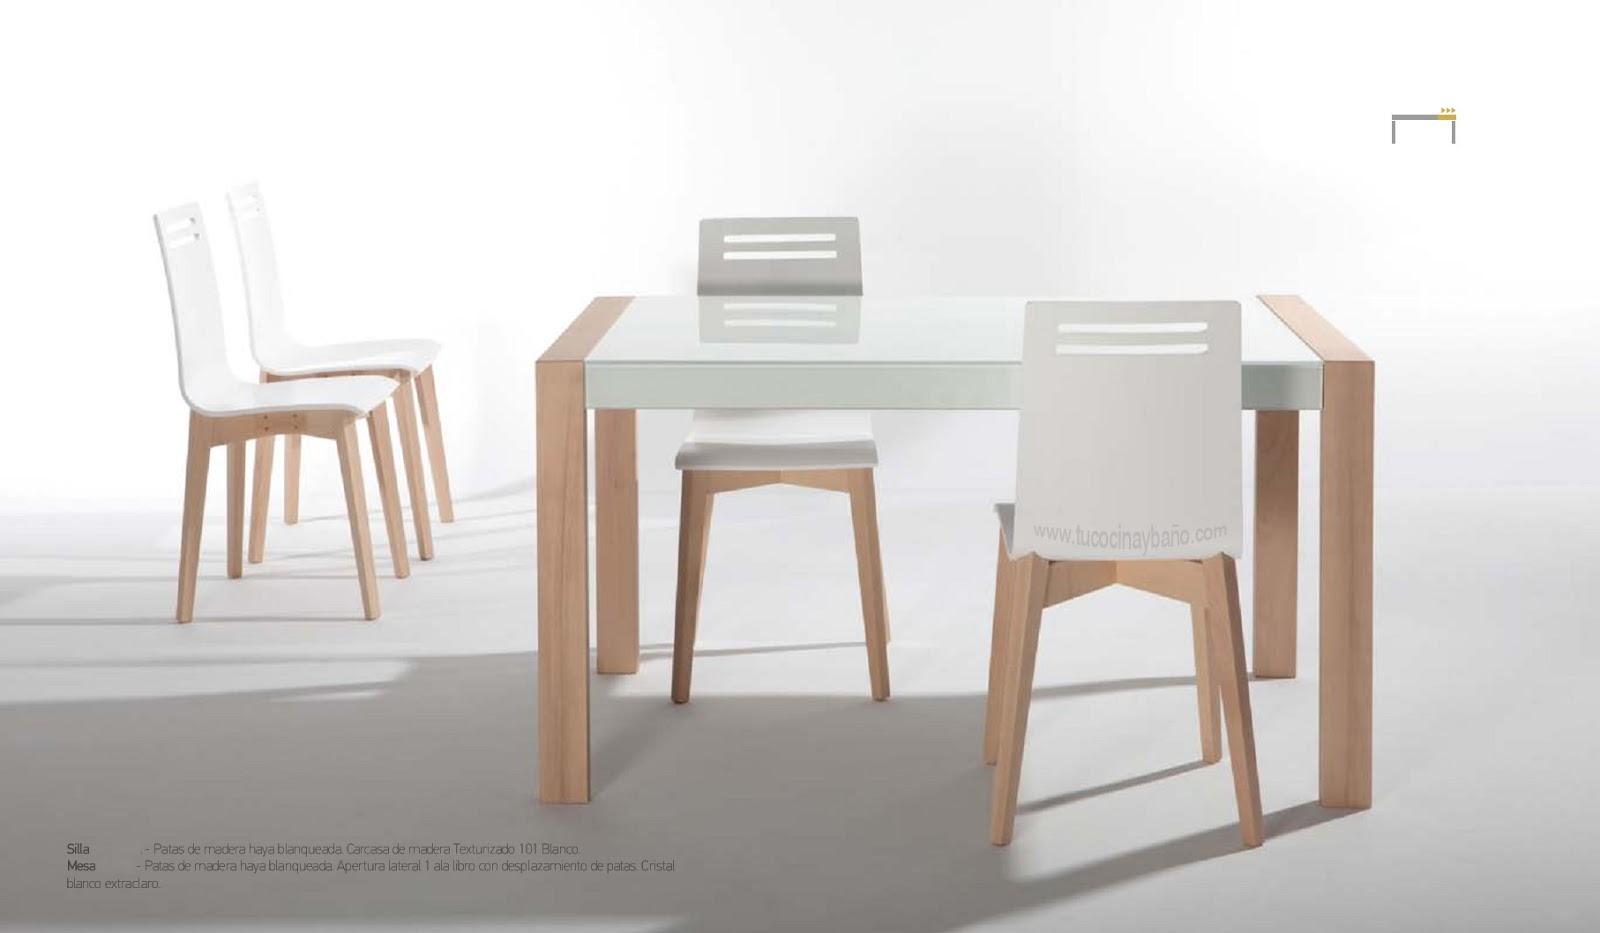 Mesa de cocina de estilo nordico ~ Reformas Guaita